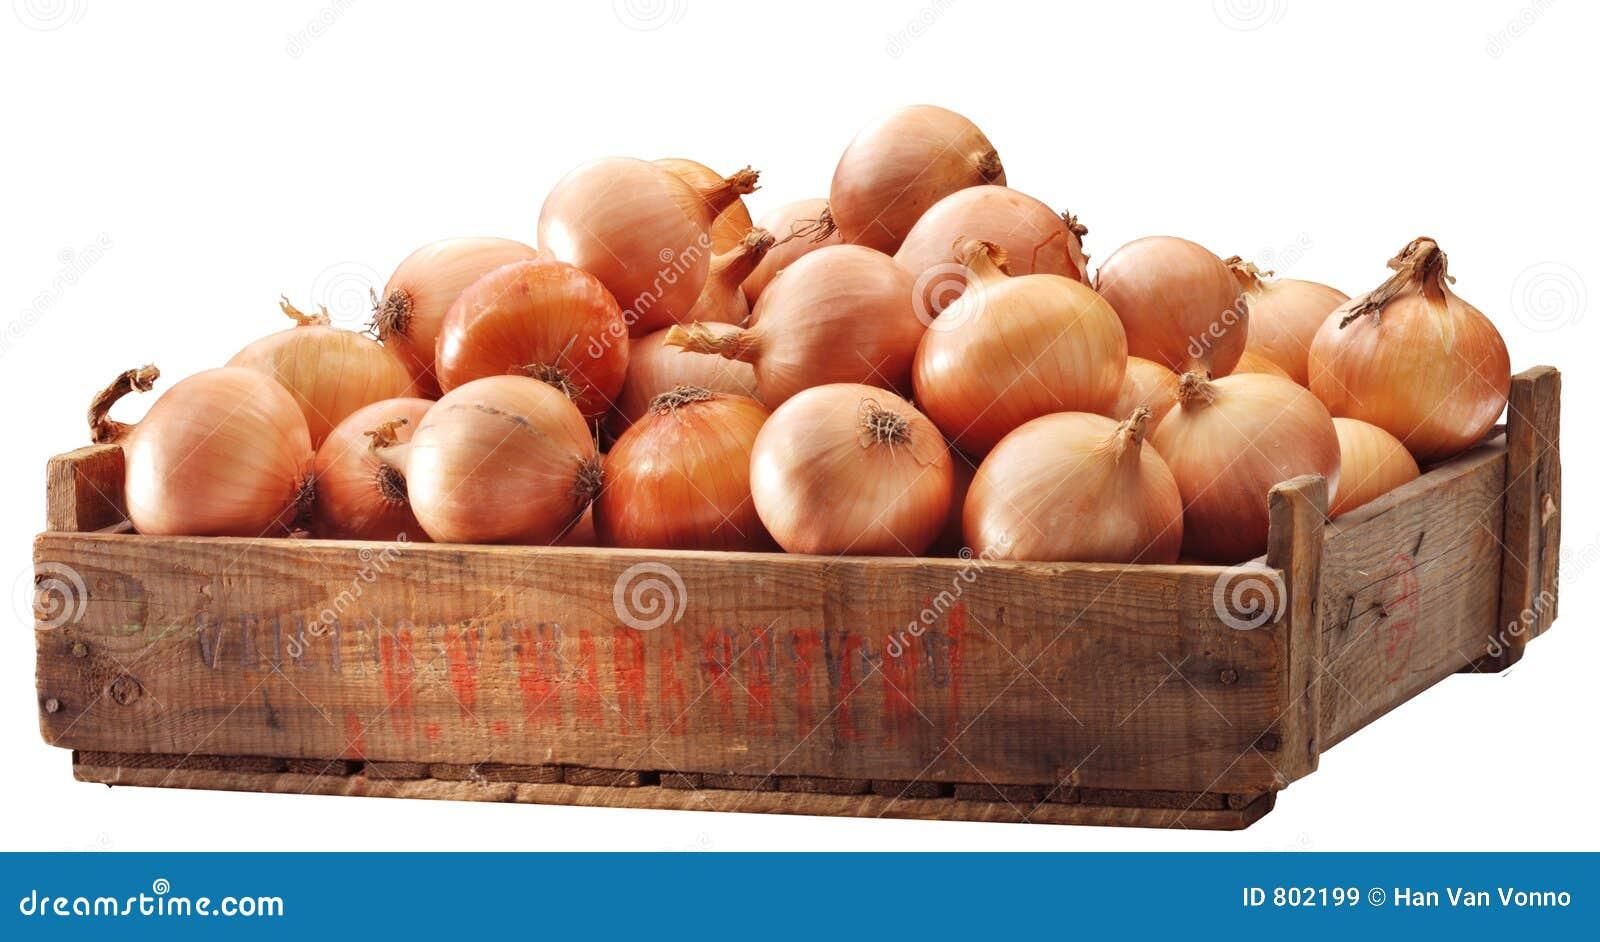 Embalaje de cebollas marrones